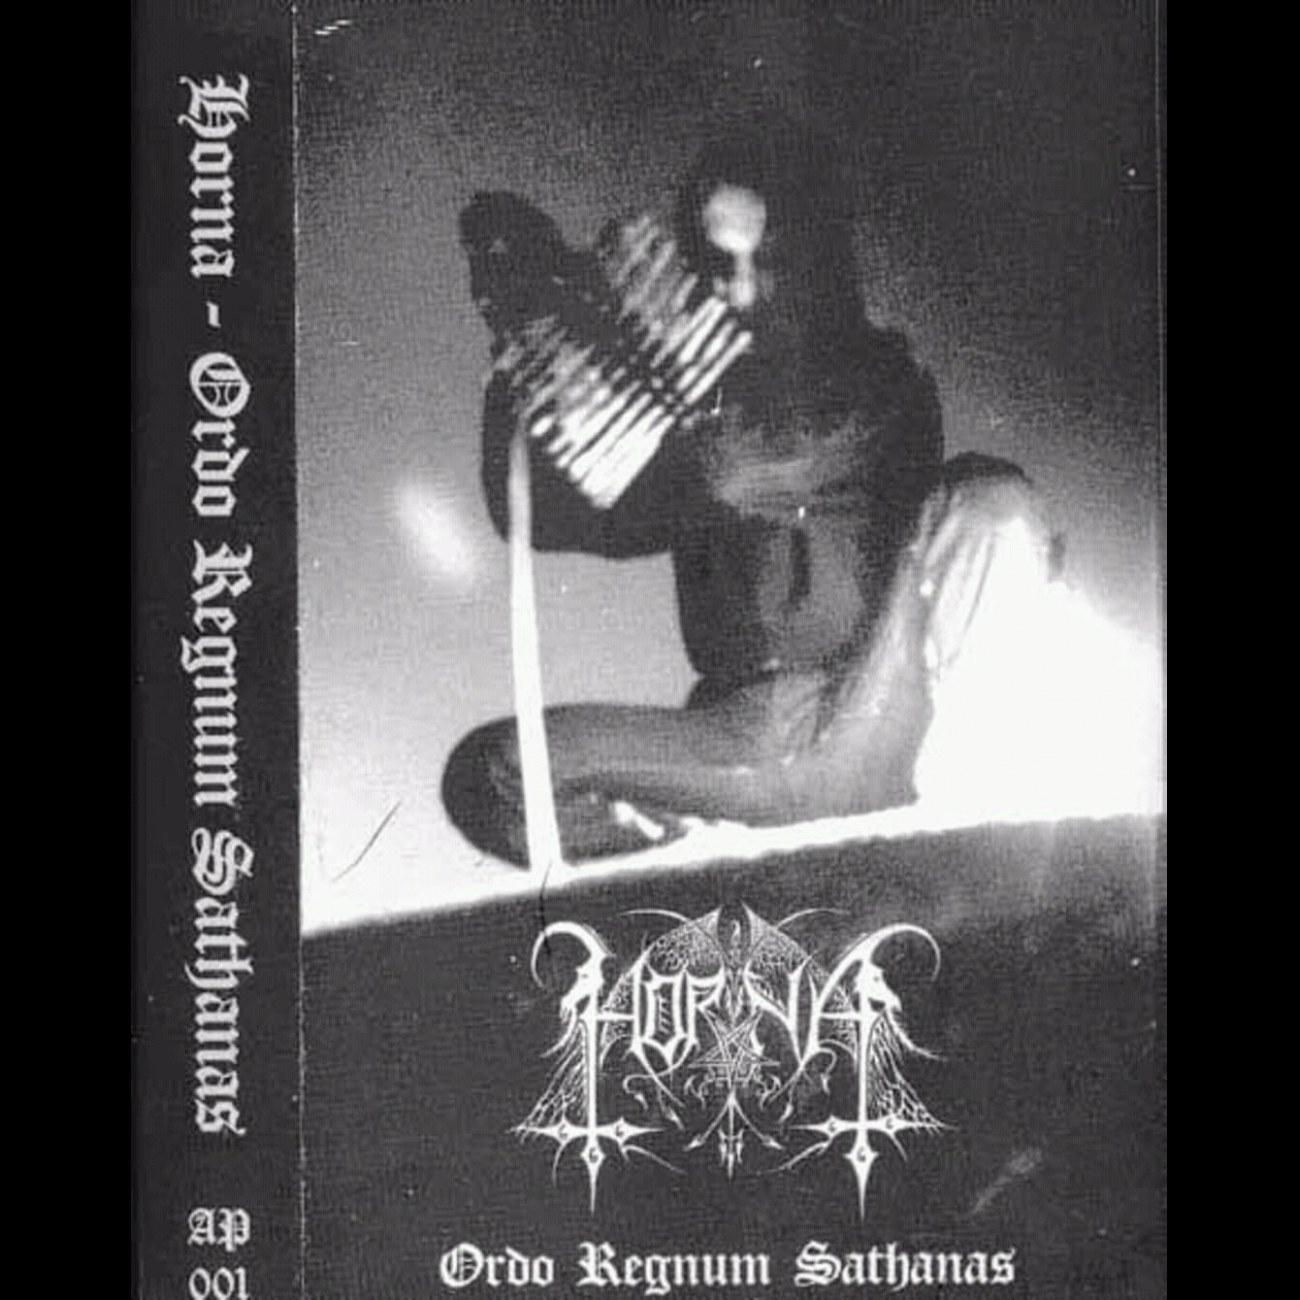 Reviews for Horna - Ordo Regnum Sathanas